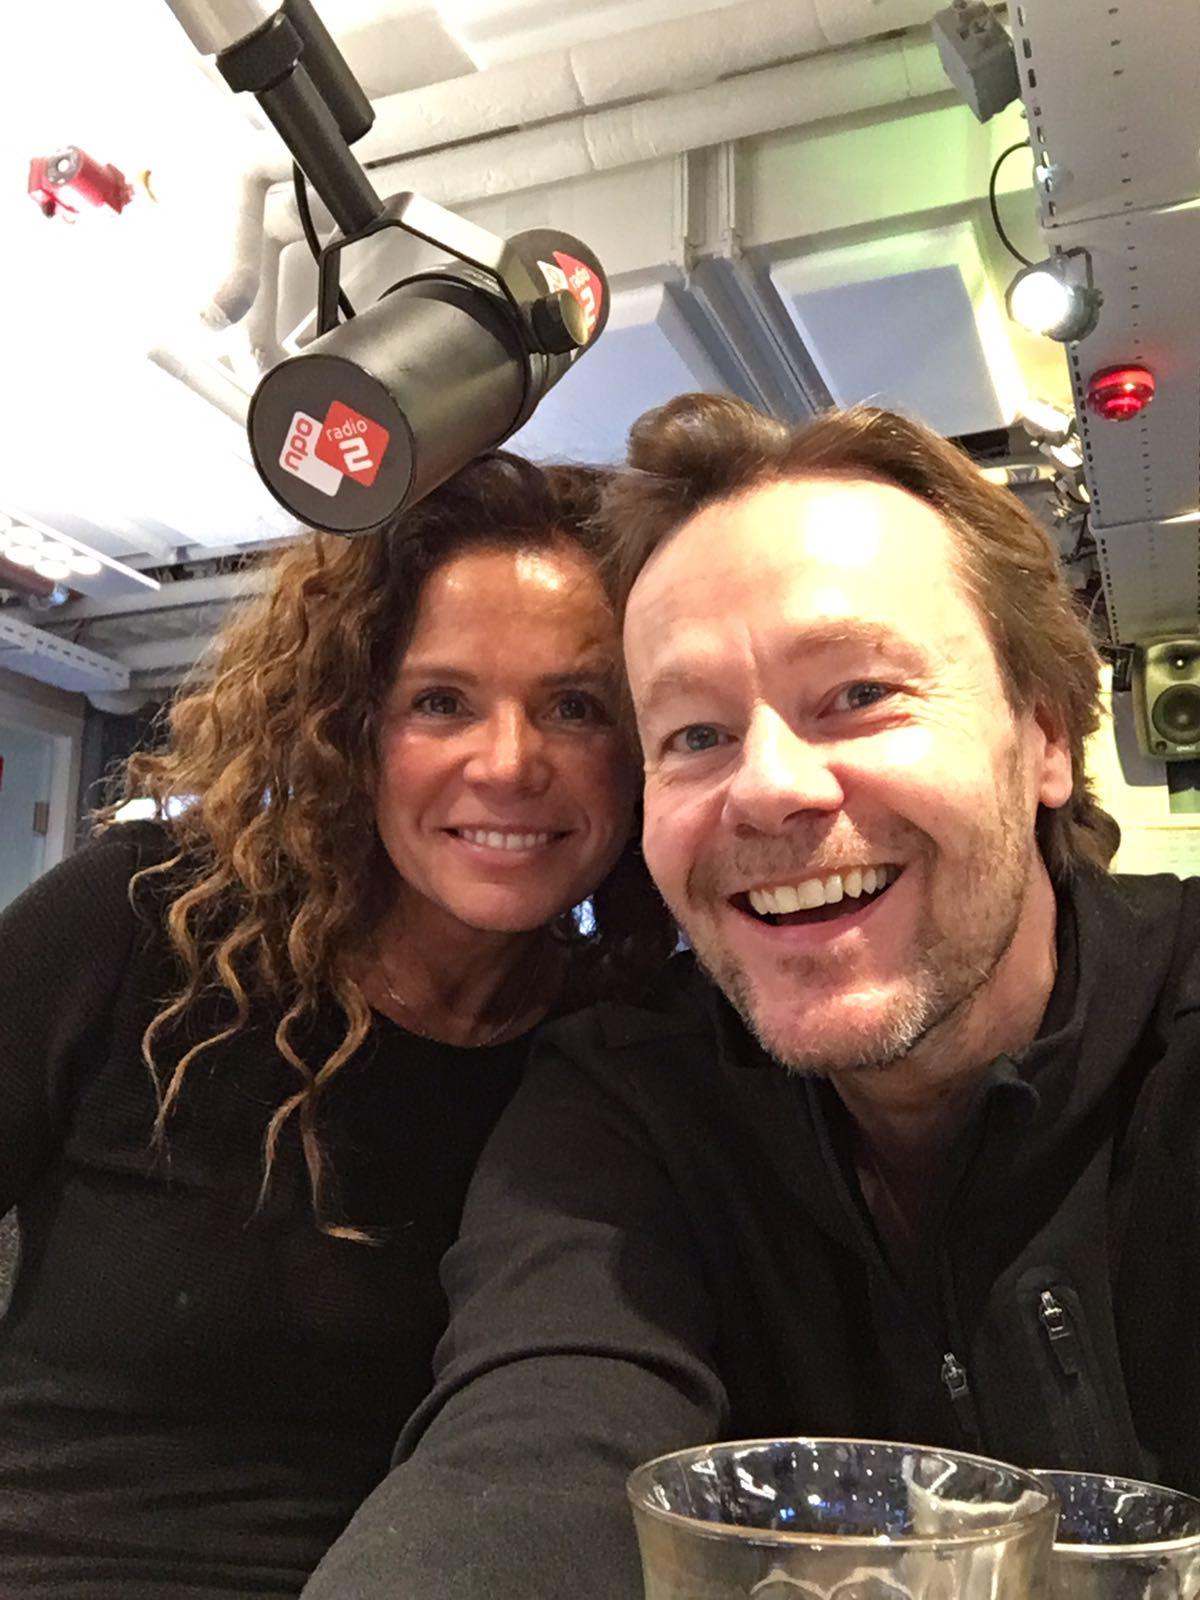 Bij Gijs 2.0 op NPO radio 2, januari 2017